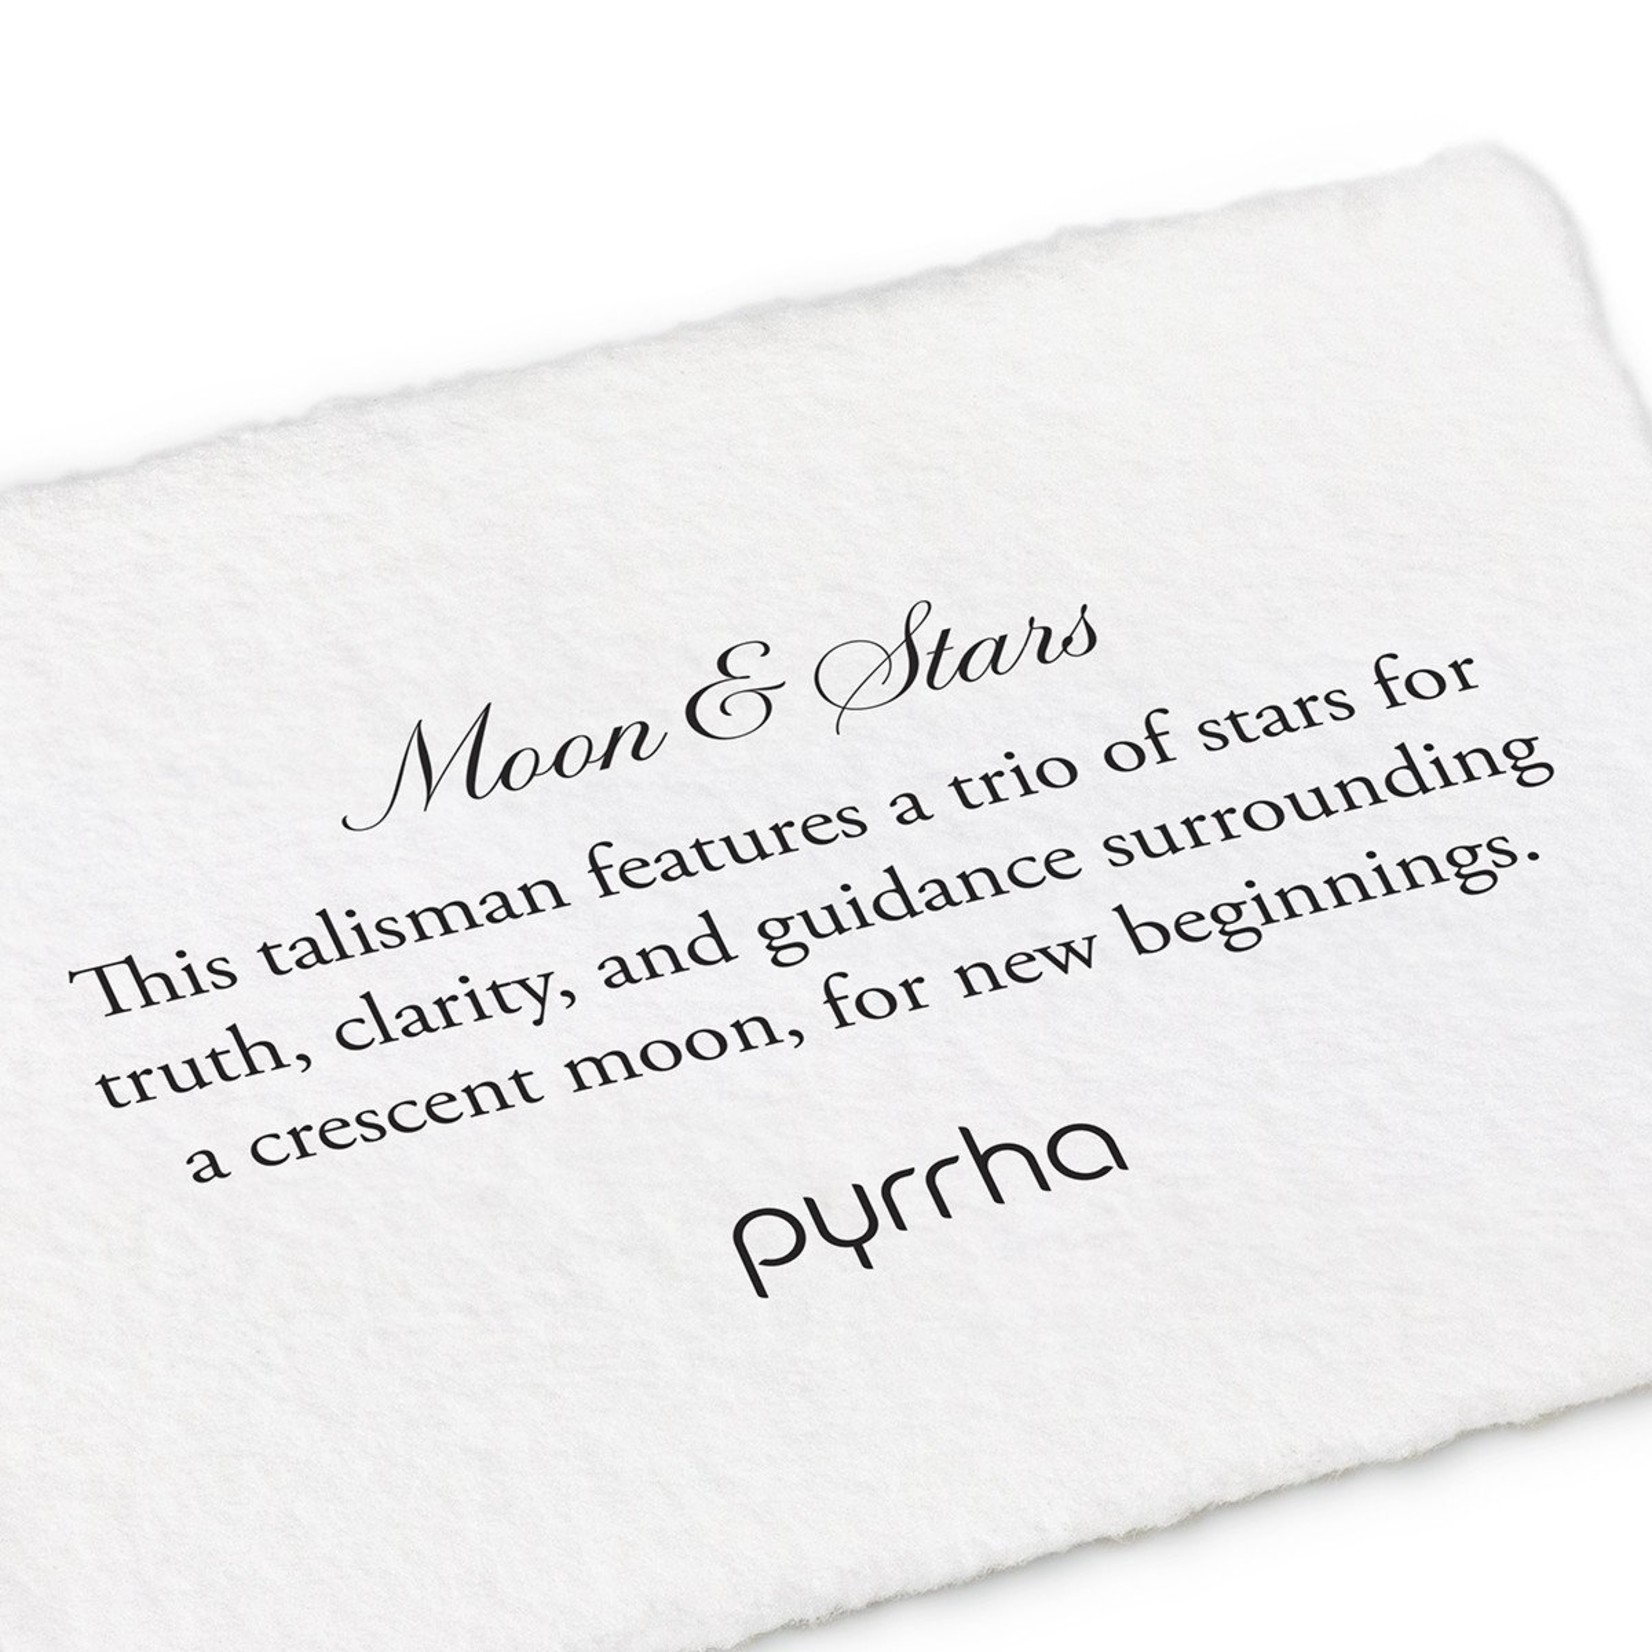 Pyrrha Moon & Stars Mini Talisman Ring